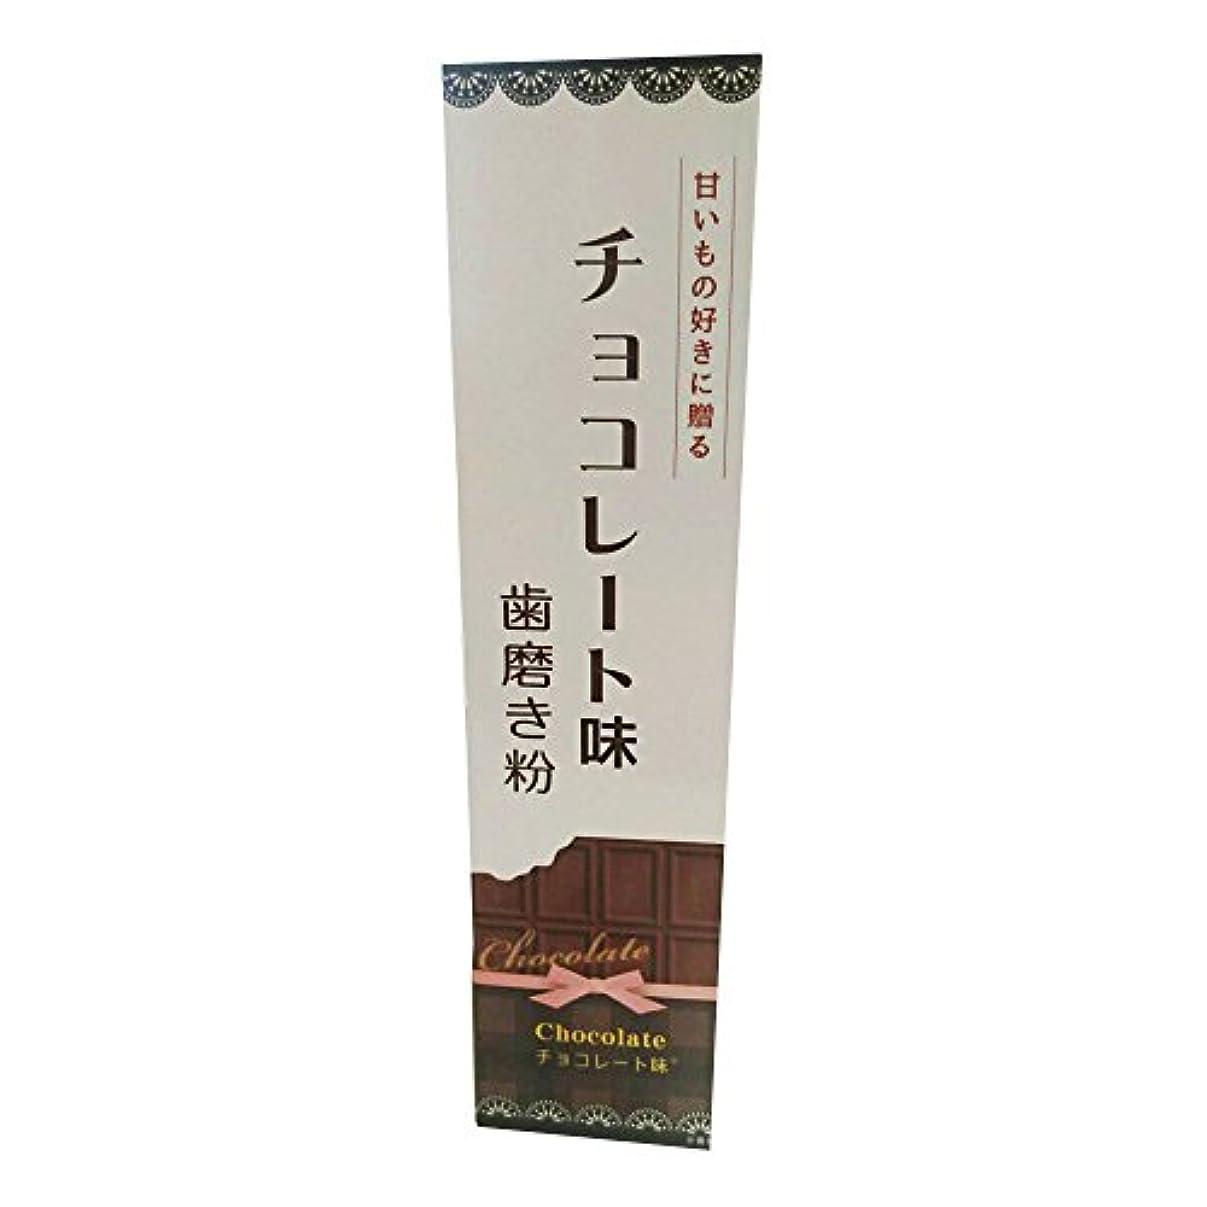 写真を撮るエレメンタル欠陥フレーバー歯磨き粉チョコレート味 70g